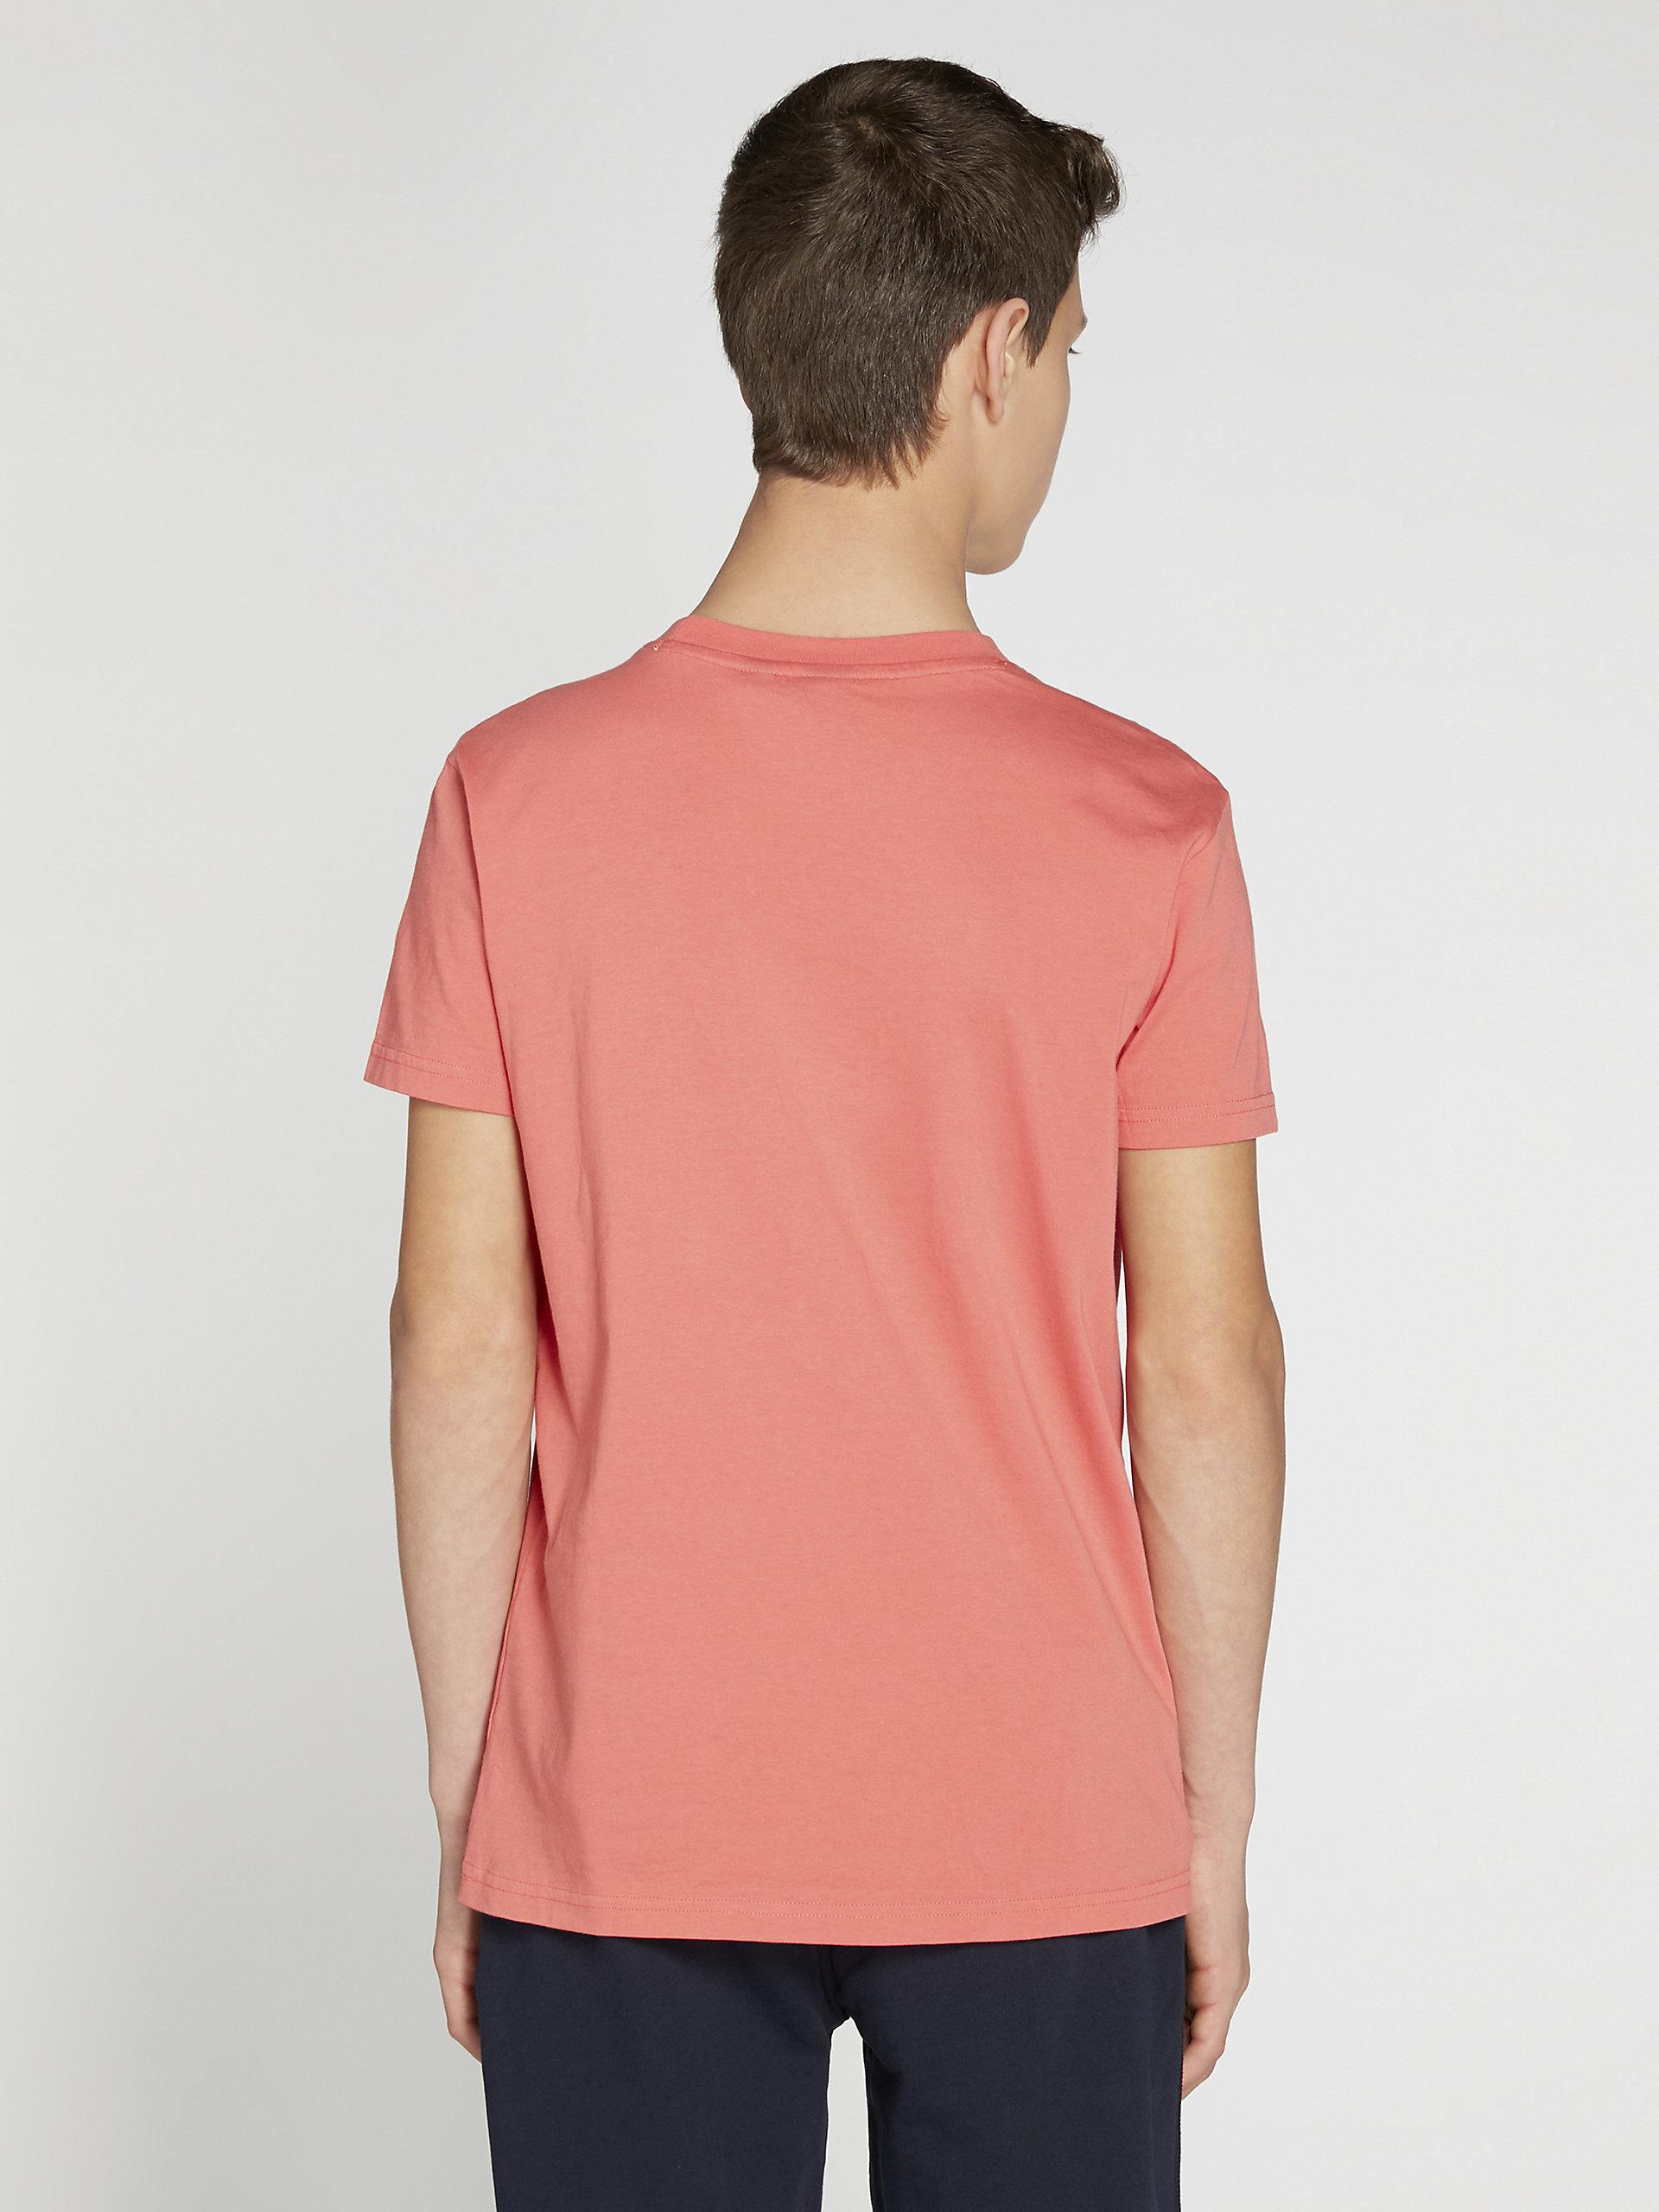 Ns-T-Shirt-T794526 miniatura 11